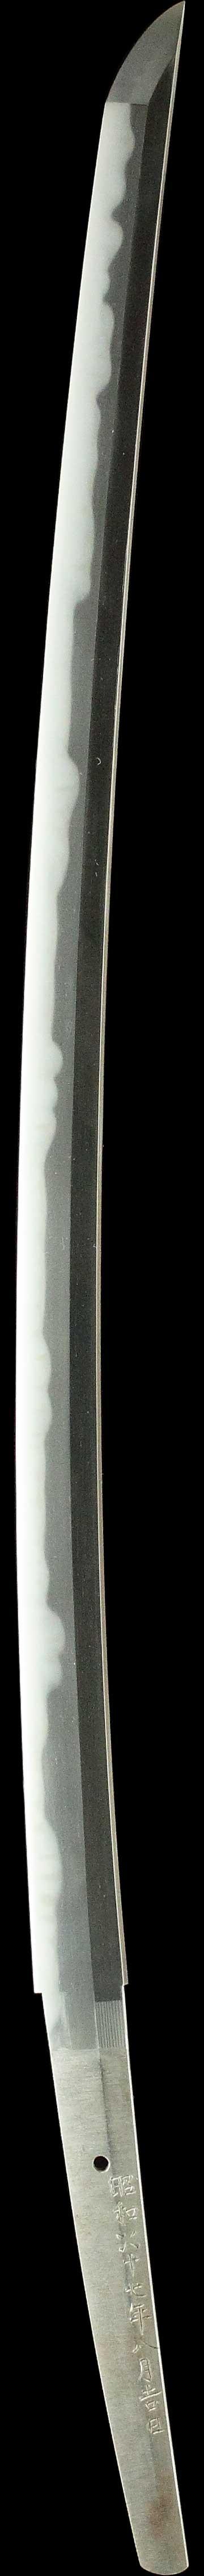 小沢正寿の刀身縦表全景